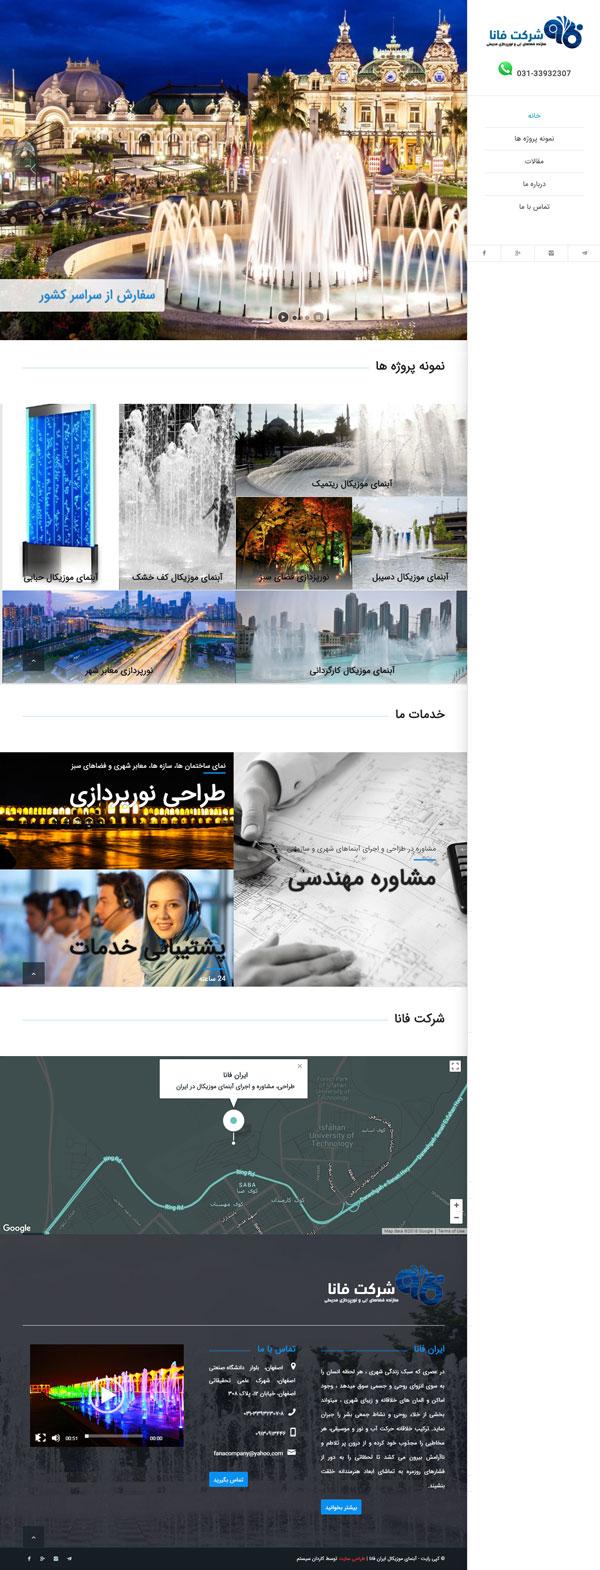 طراحی سایت فانا | مجری پروژههای آبنمای شهری